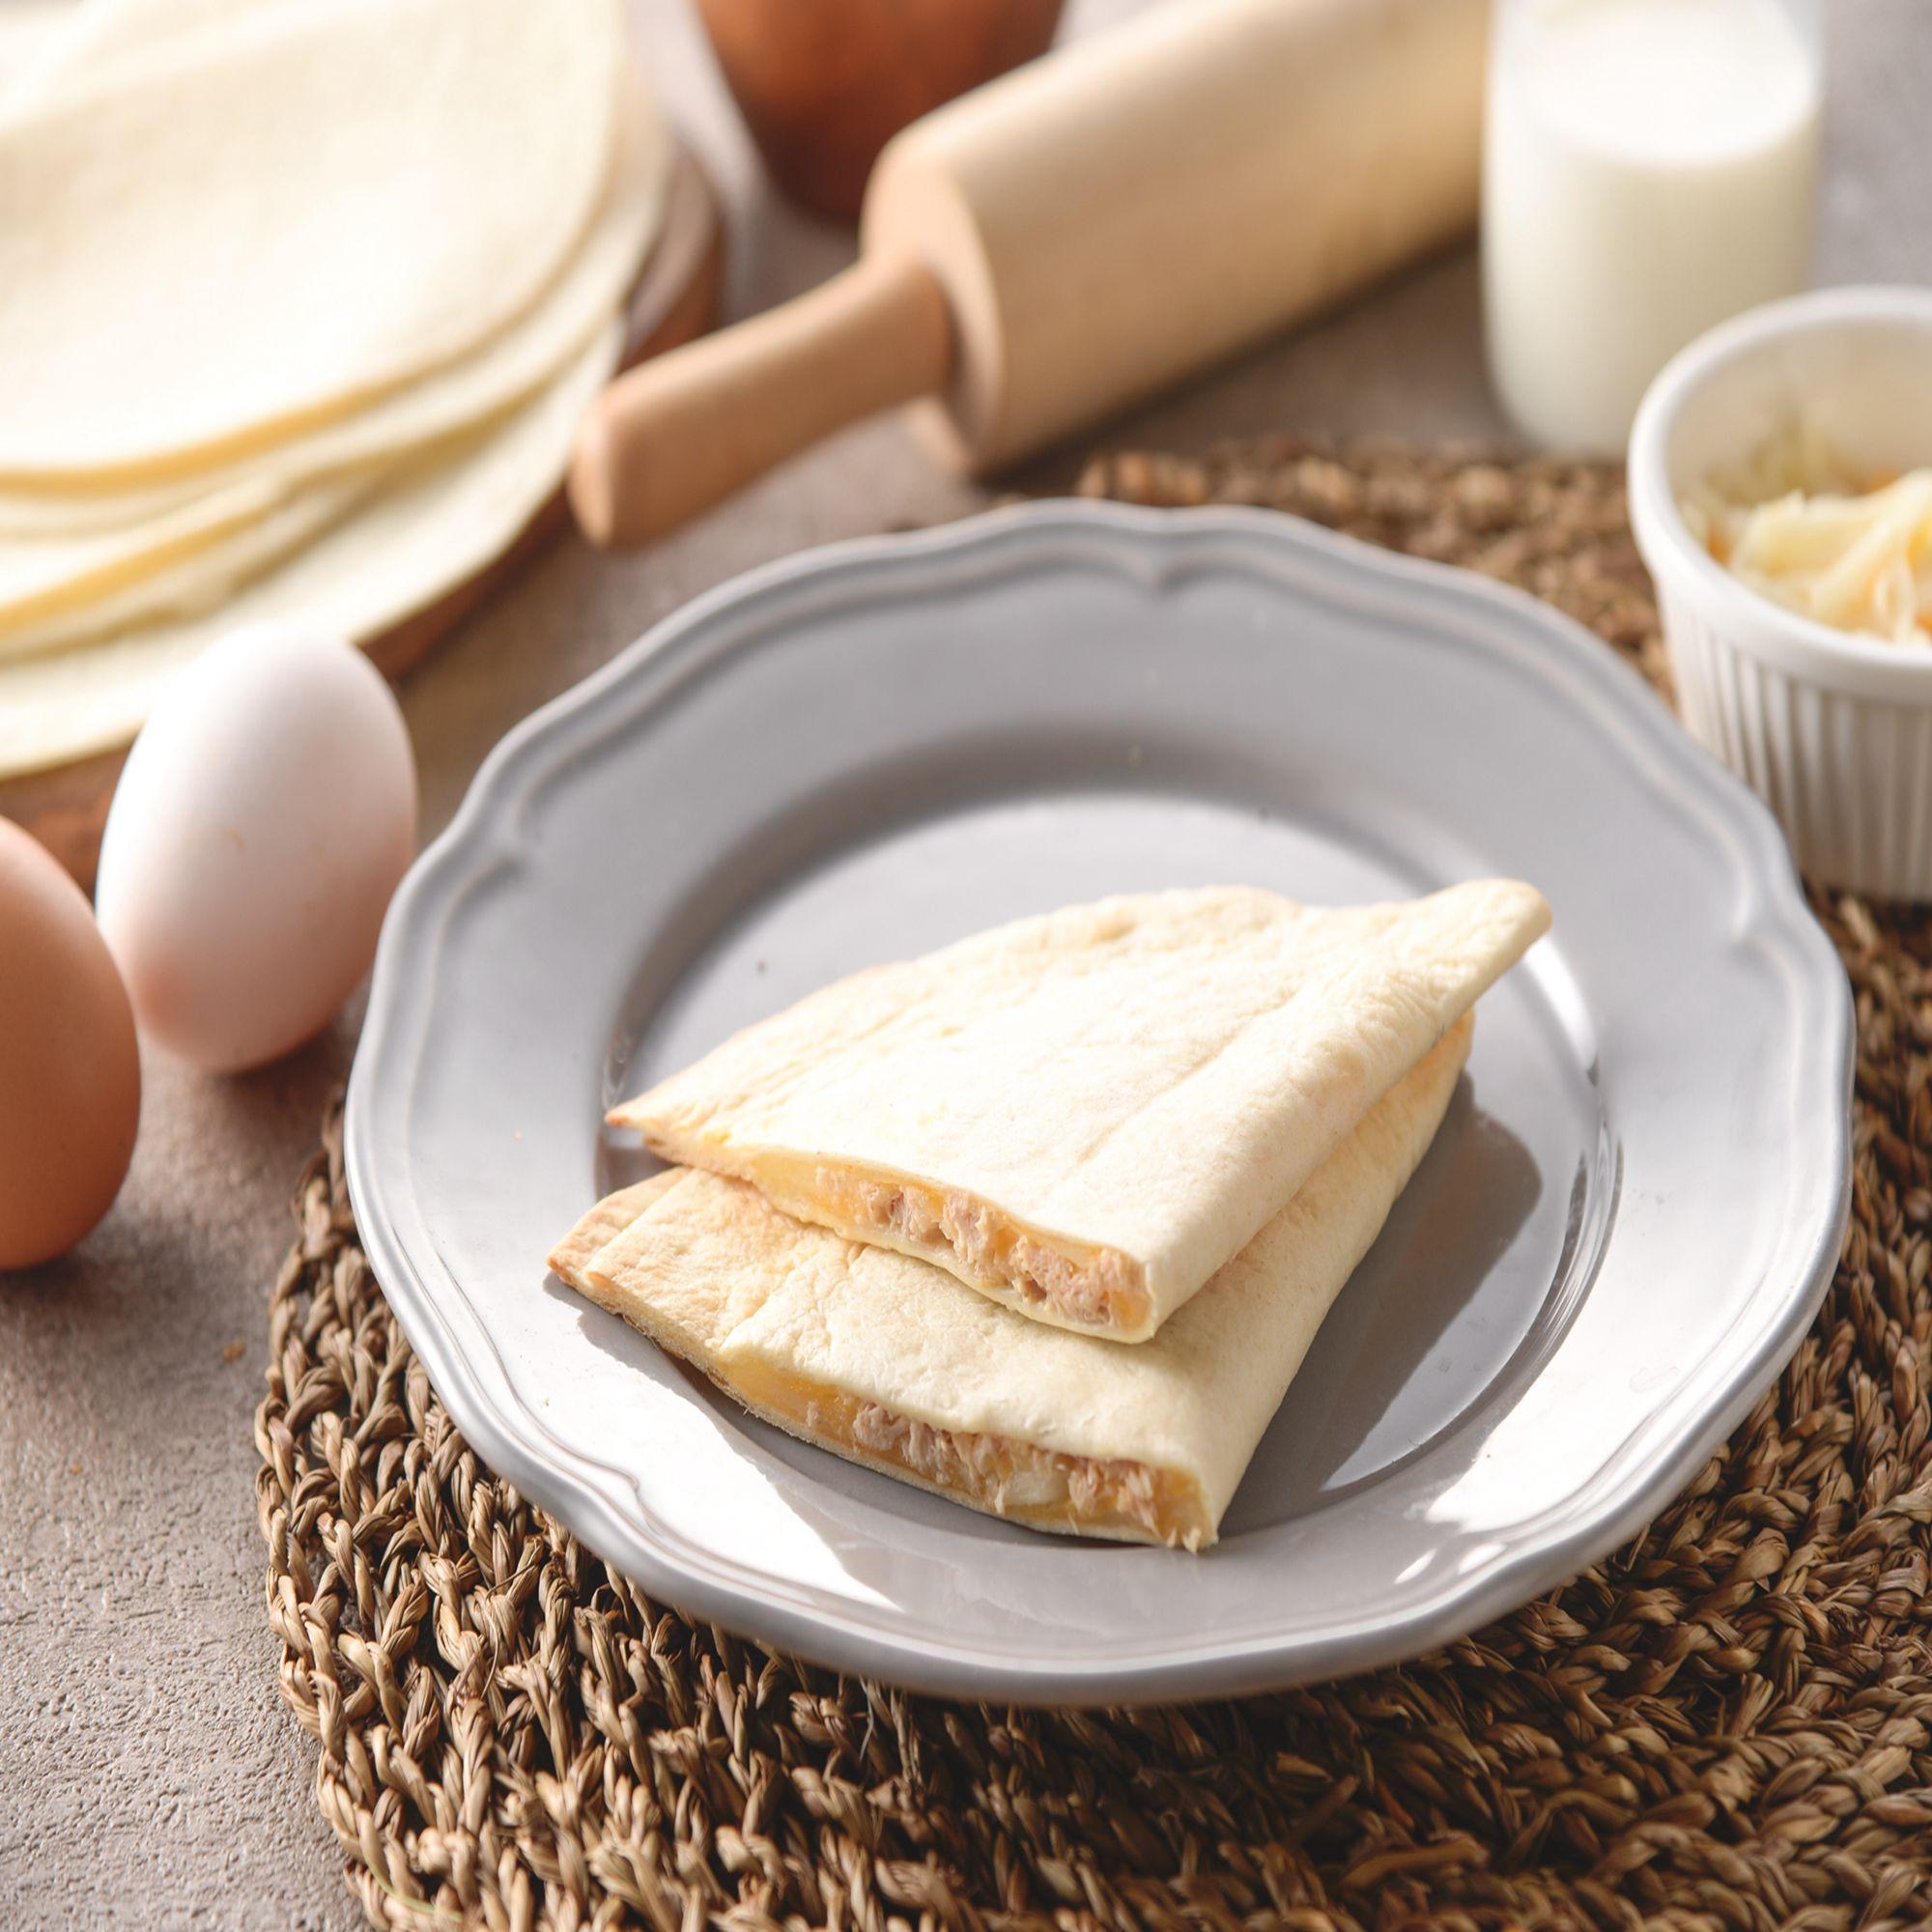 低卡脆皮義式起司烤餅【鹹口味|10入】 加熱點心 微波食品 簡單料理 17新鮮美味坊